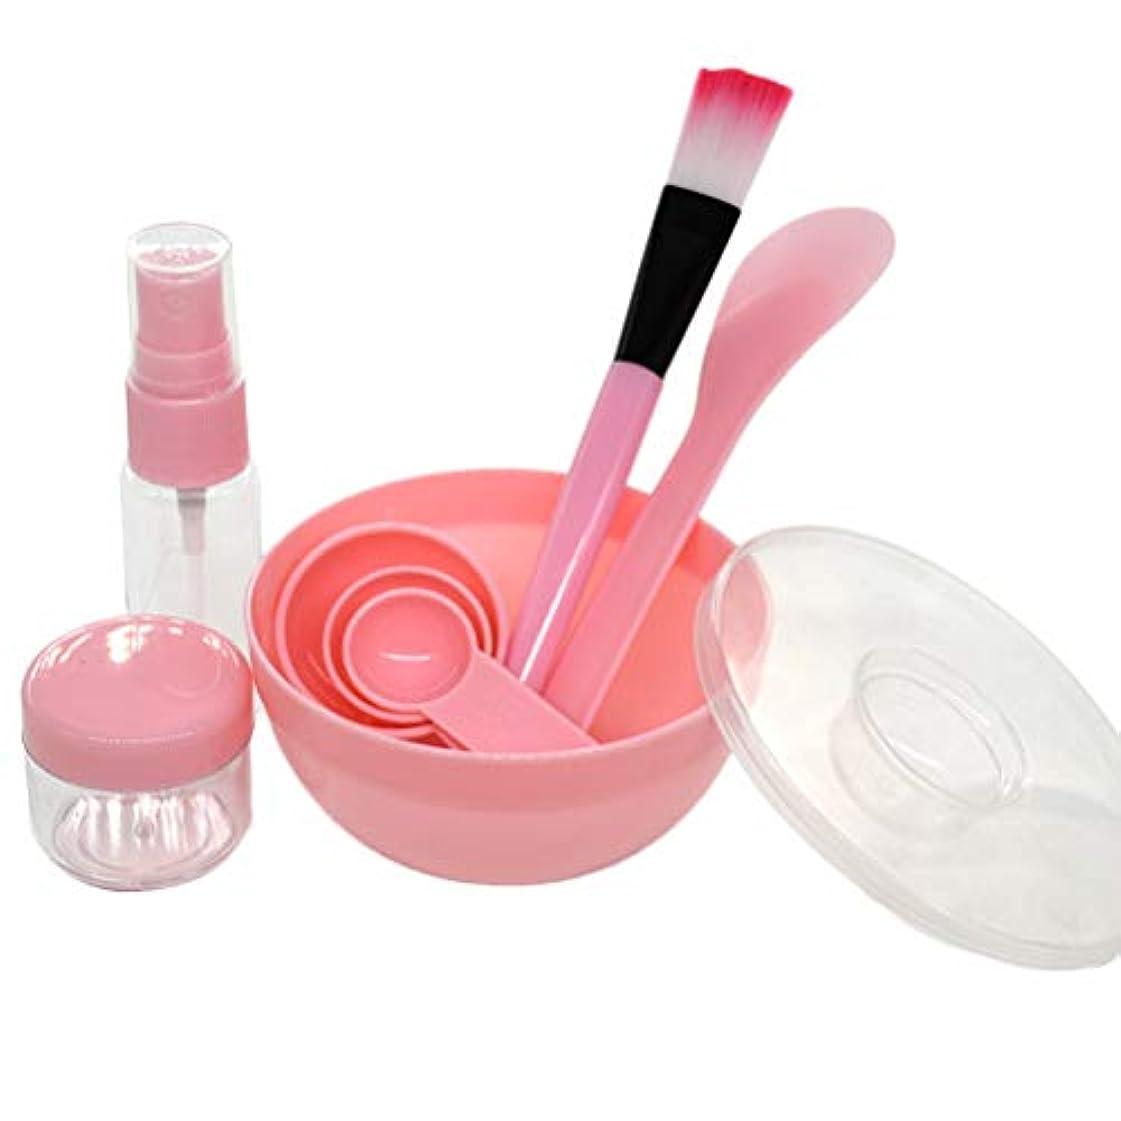 ディプロマメンダシティ累積LURROSE 9ピースフェイスマスクミキシングボウルセットdiyフェイスマスクフェイシャルマスクボウルブラシミキシングスティックセット(ピンク)